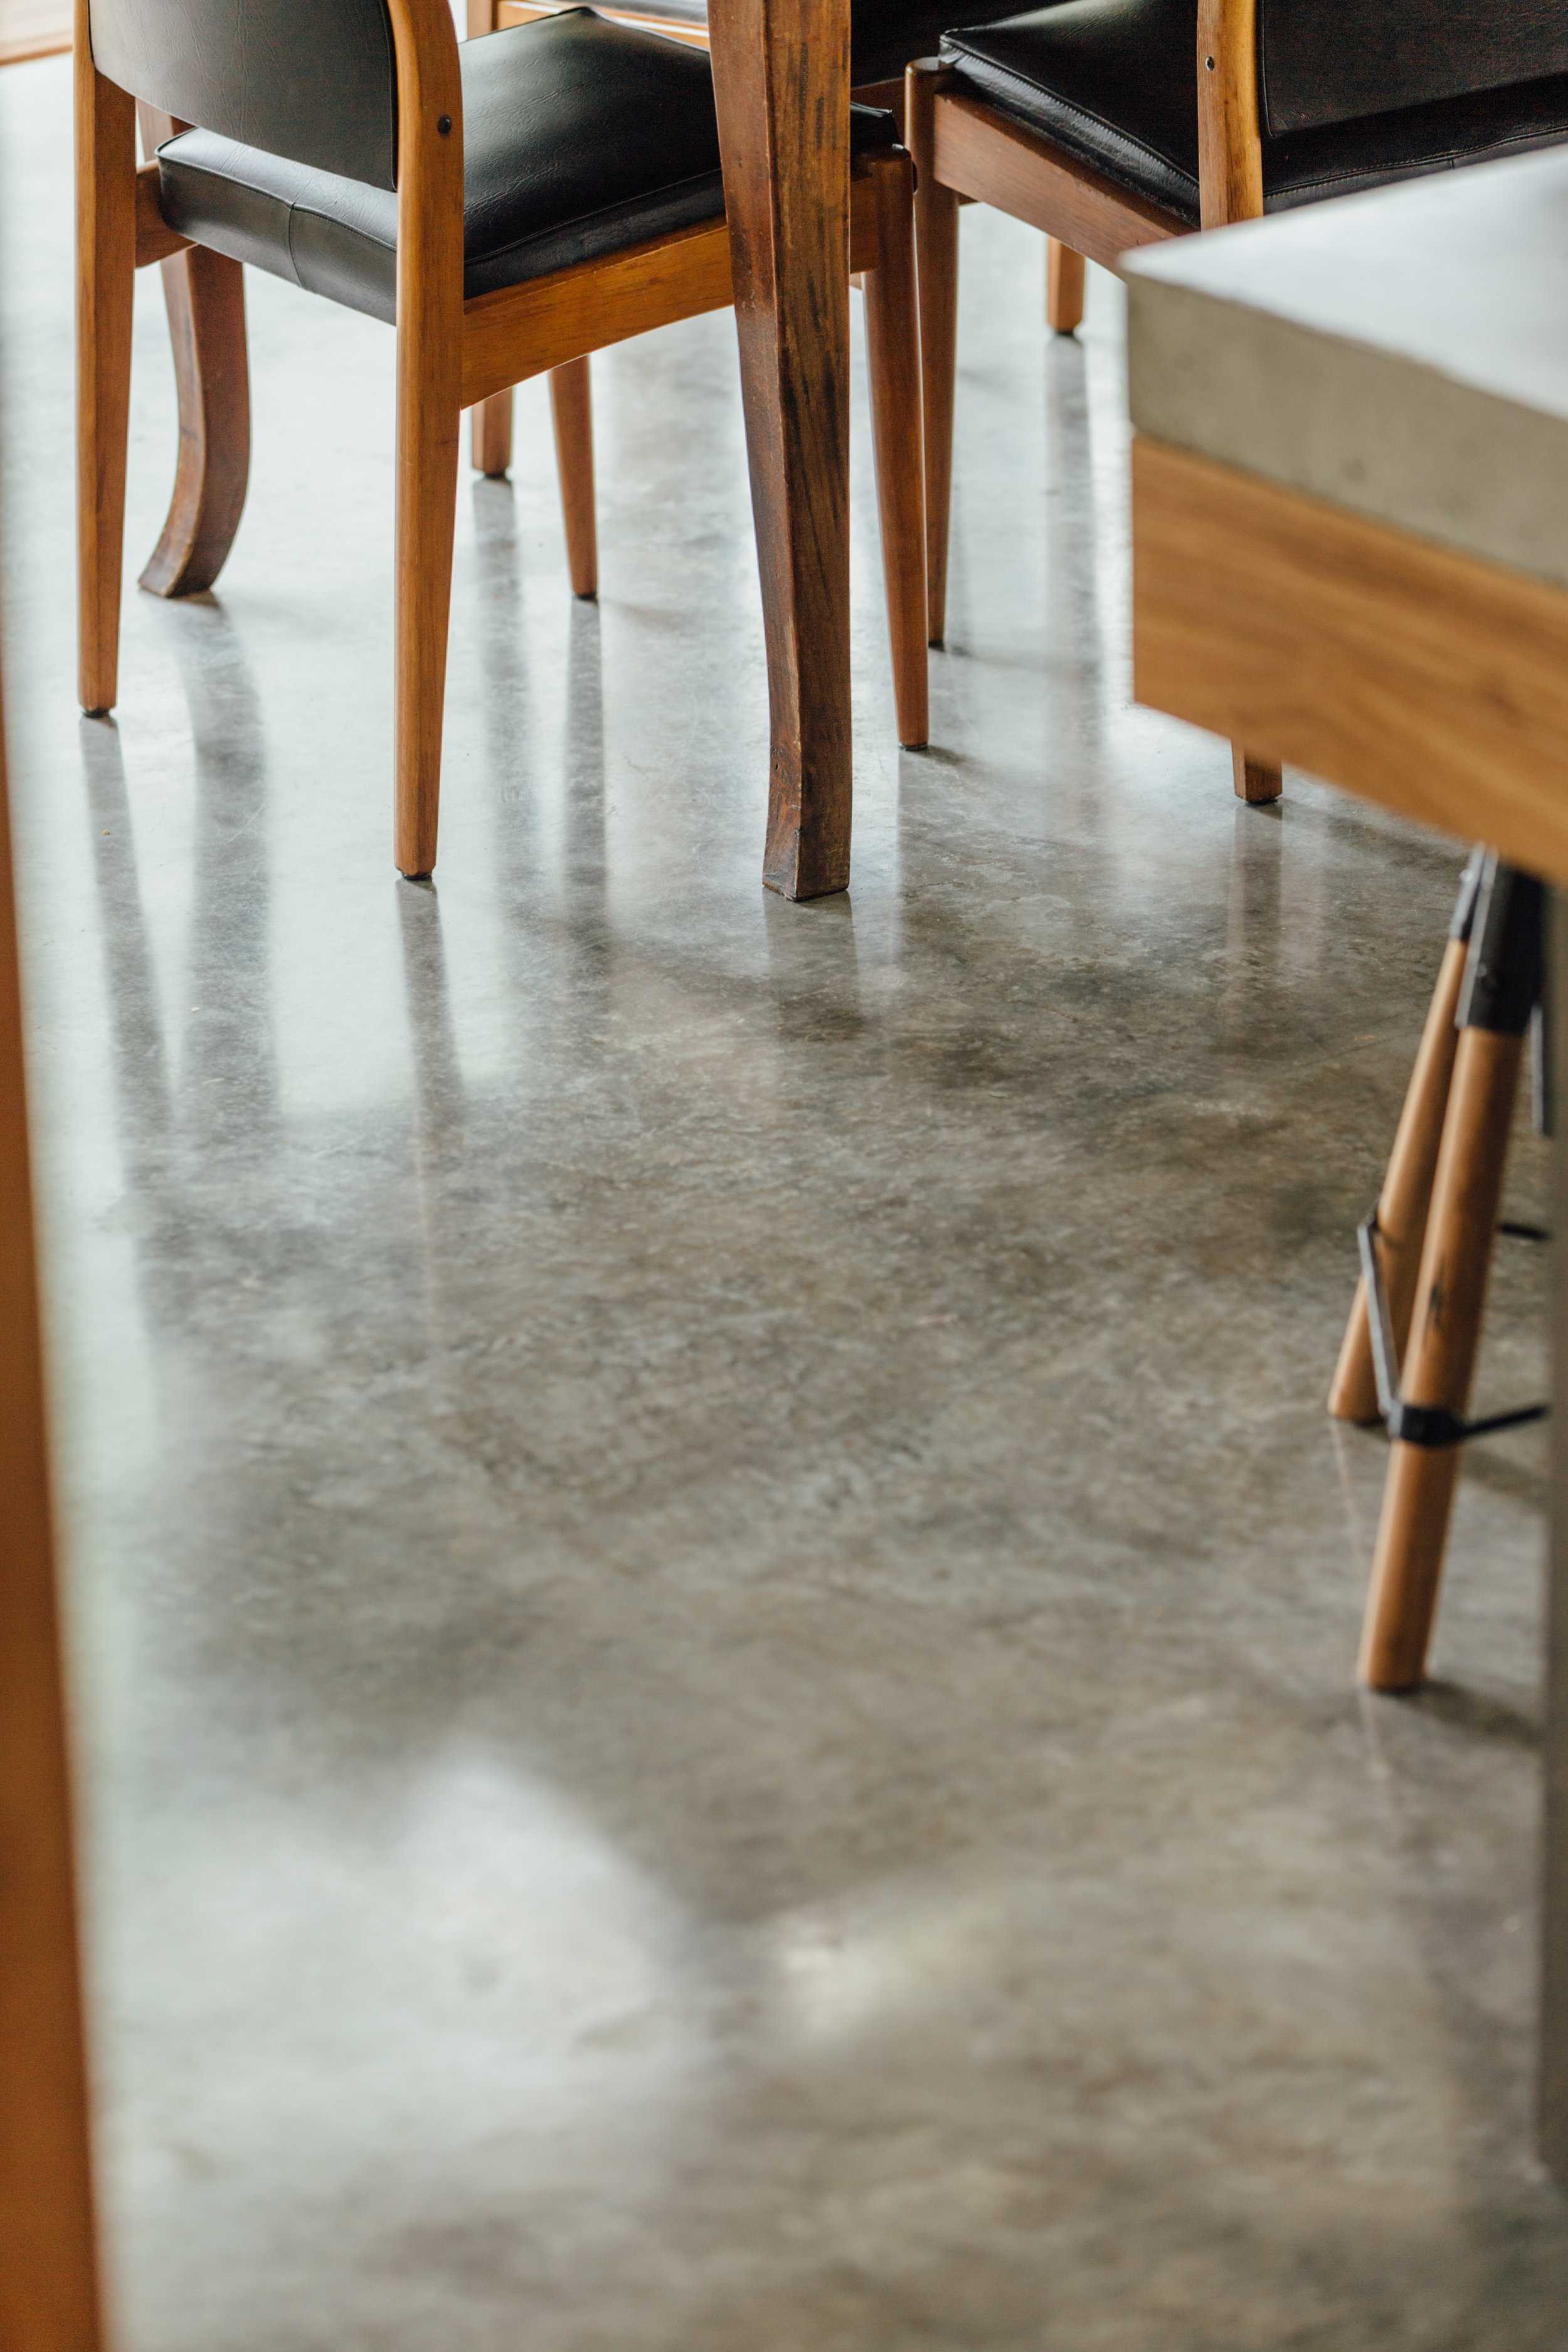 Takt exoskeleton house concrete floor